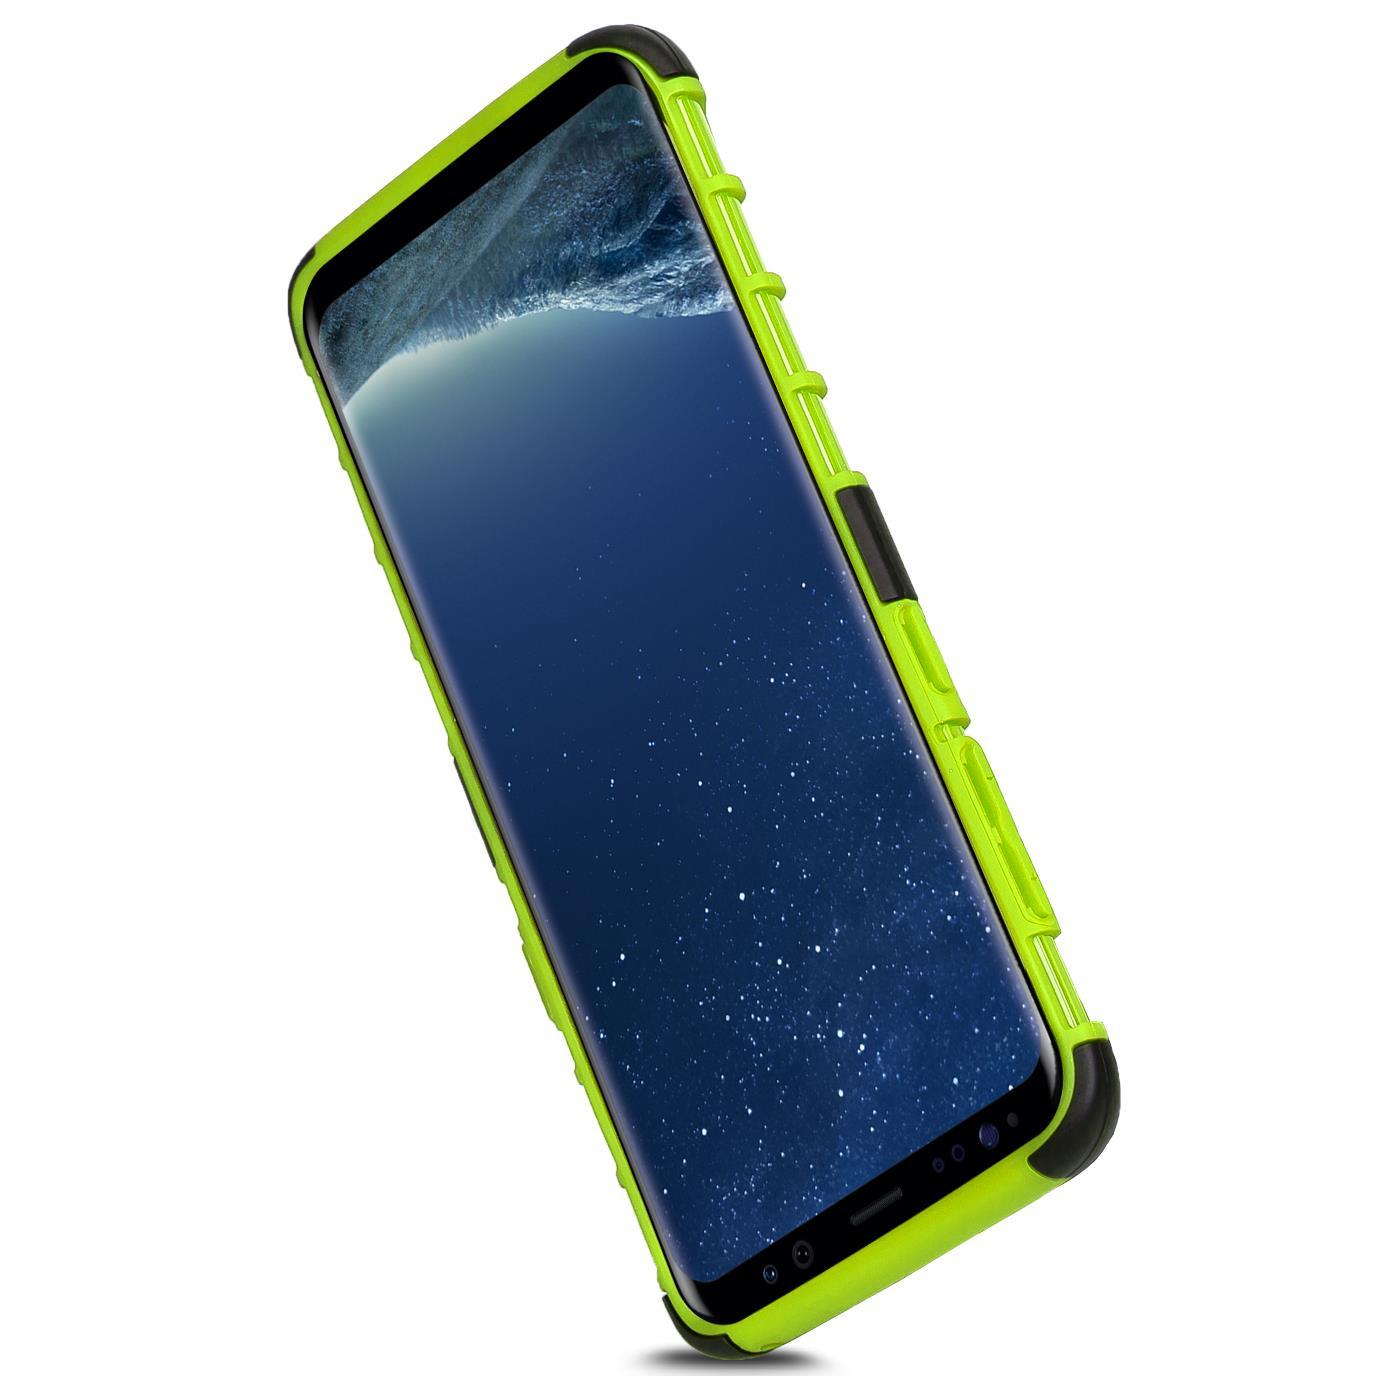 Samsung-Huelle-Hybrid-Panzer-Schutzhuelle-Handy-Schutz-Case-Ruestung-Cover-Tasche Indexbild 11